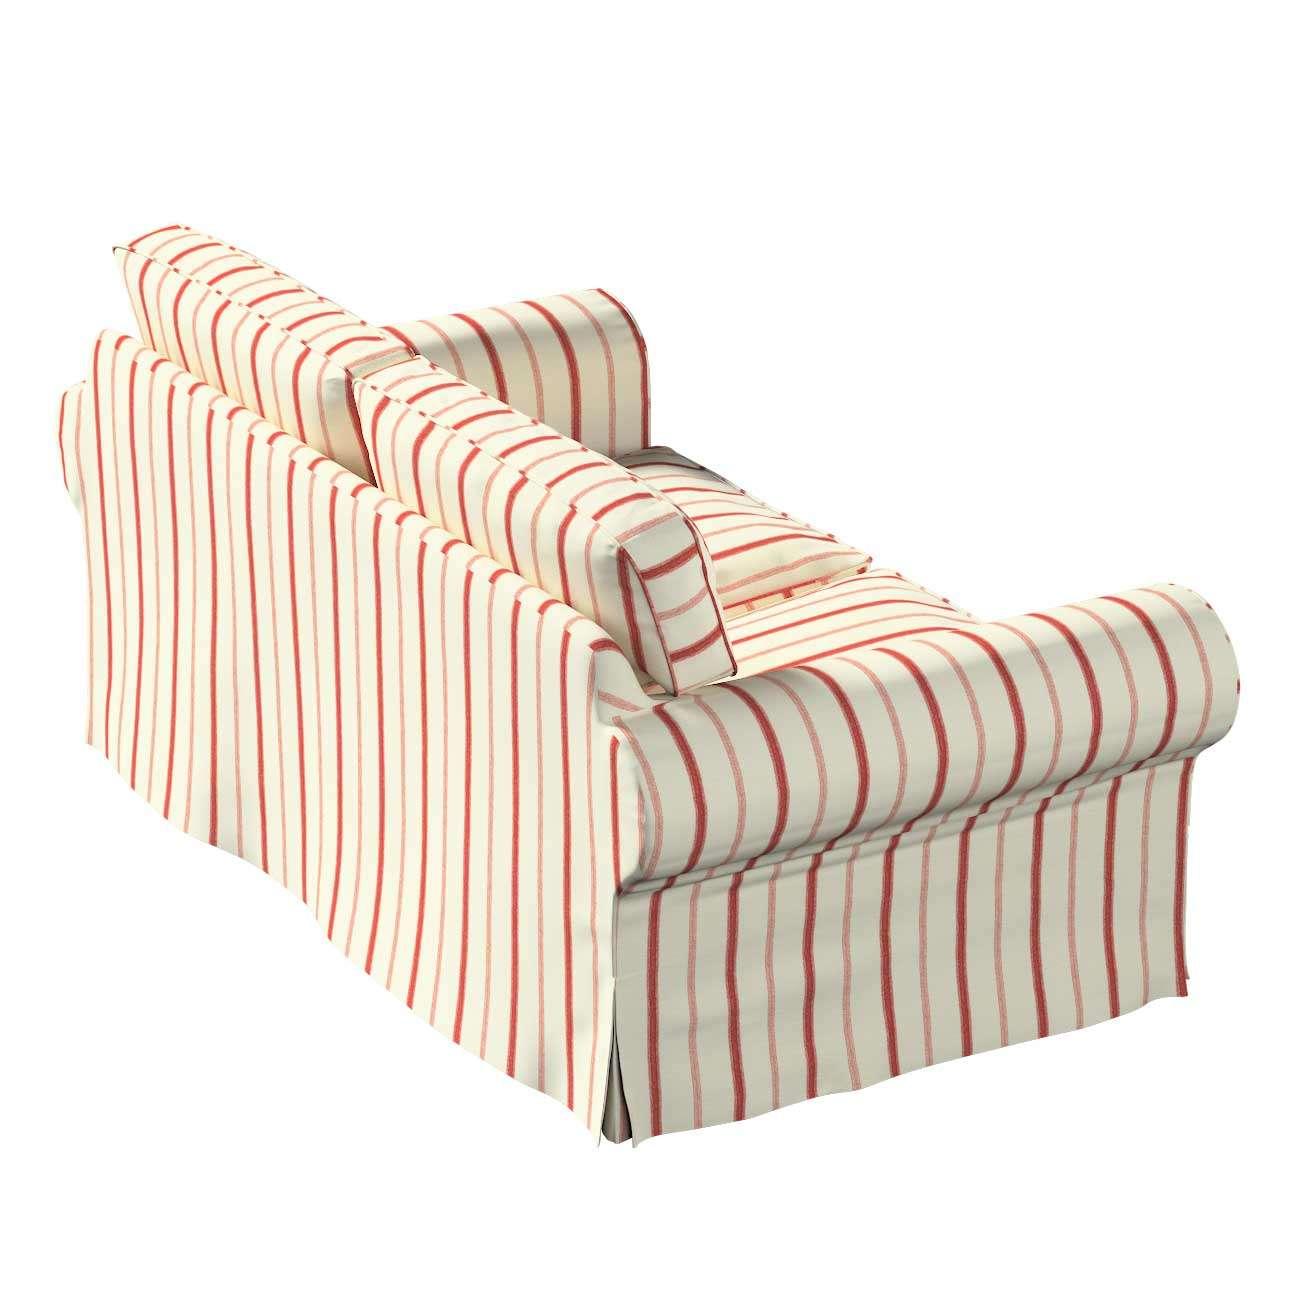 Pokrowiec na sofę Ektorp 2-osobową, nierozkładaną Sofa Ektorp 2-osobowa w kolekcji Avinon, tkanina: 129-15